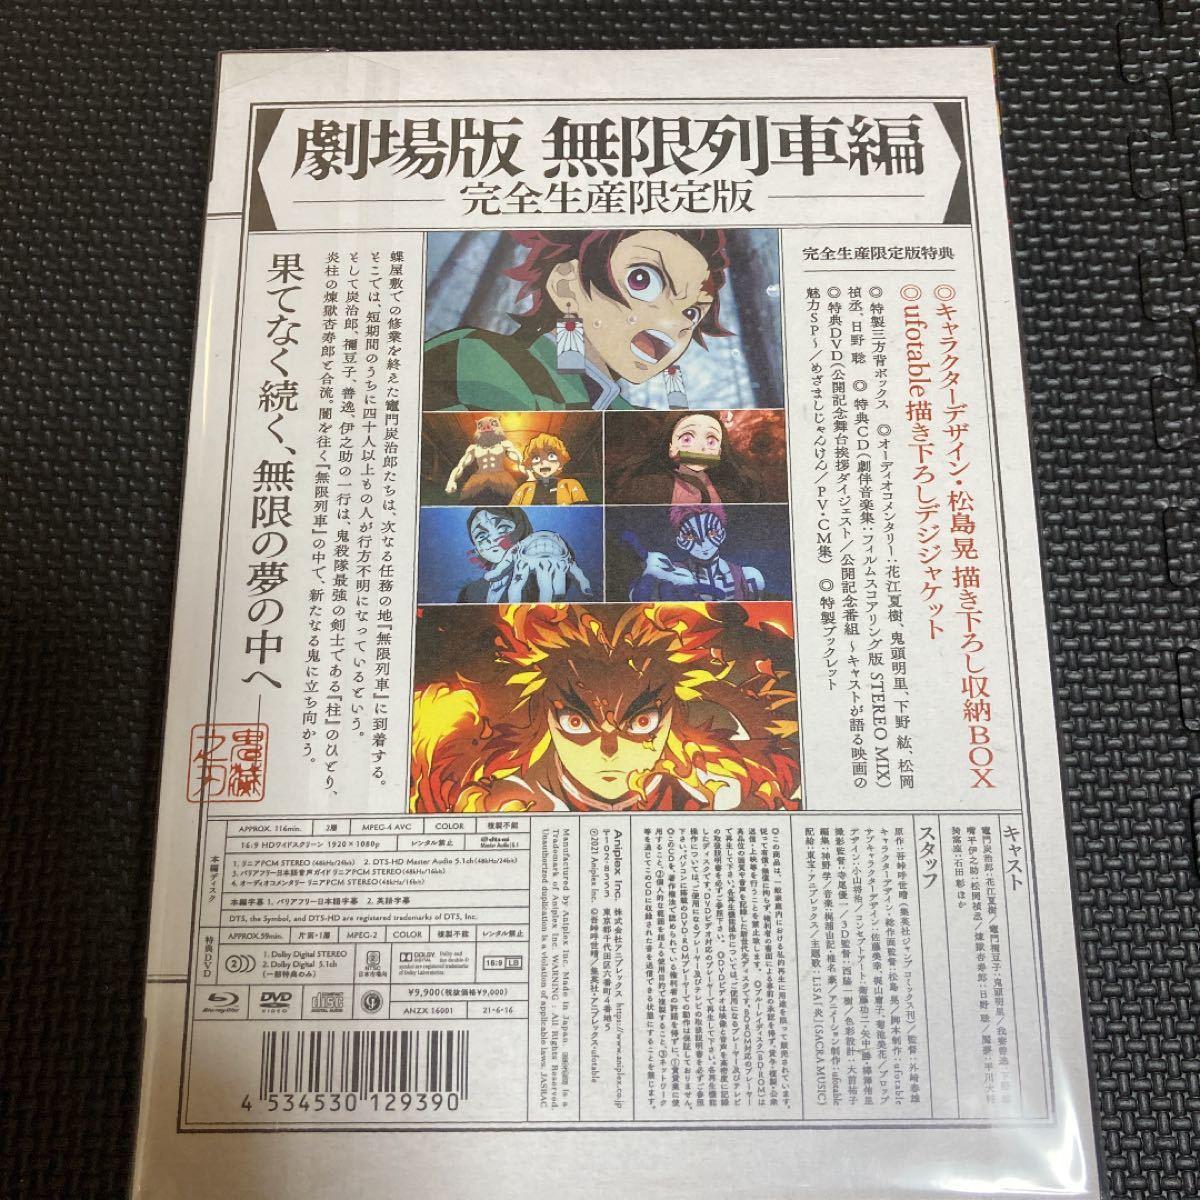 劇場版 鬼滅の刃  無限列車編 完全生産限定版 Blu-ray ブルーレイ